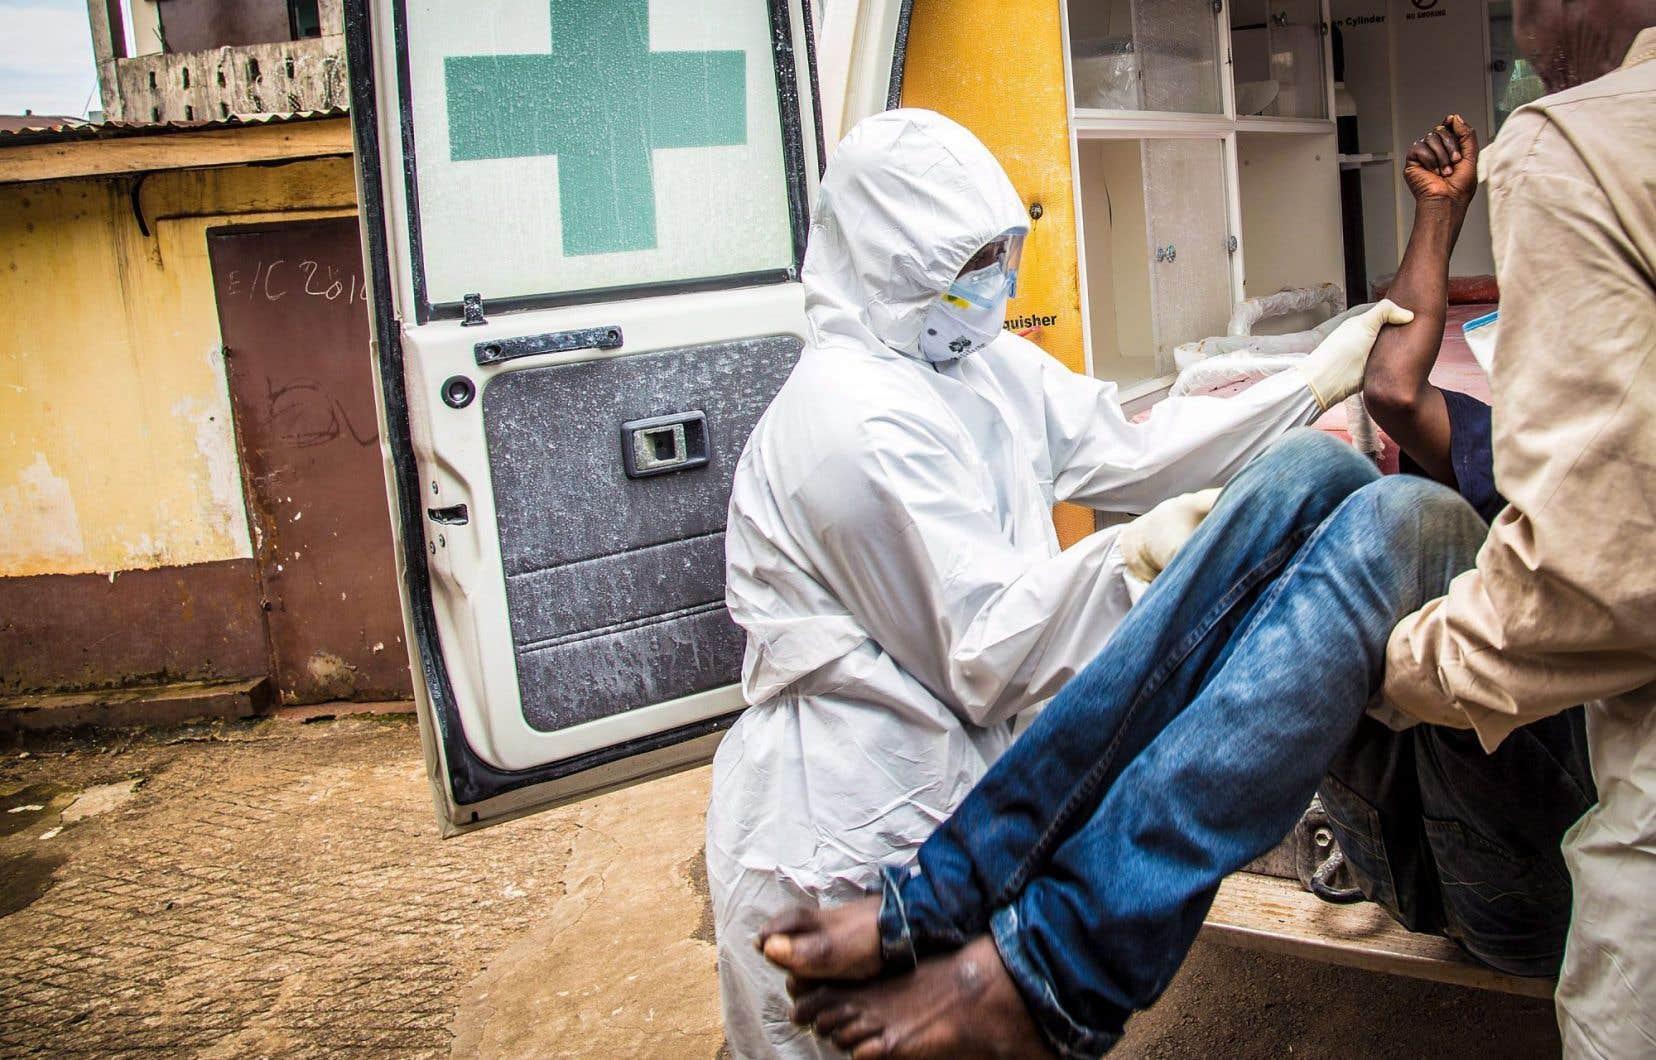 Ebola a frappé fort certains pays africains, comme la Sierra Leone (notre photo). Depuis son éruption il y a environ deux ans, le virus a causé la mort de plus de 11 300 personnes.